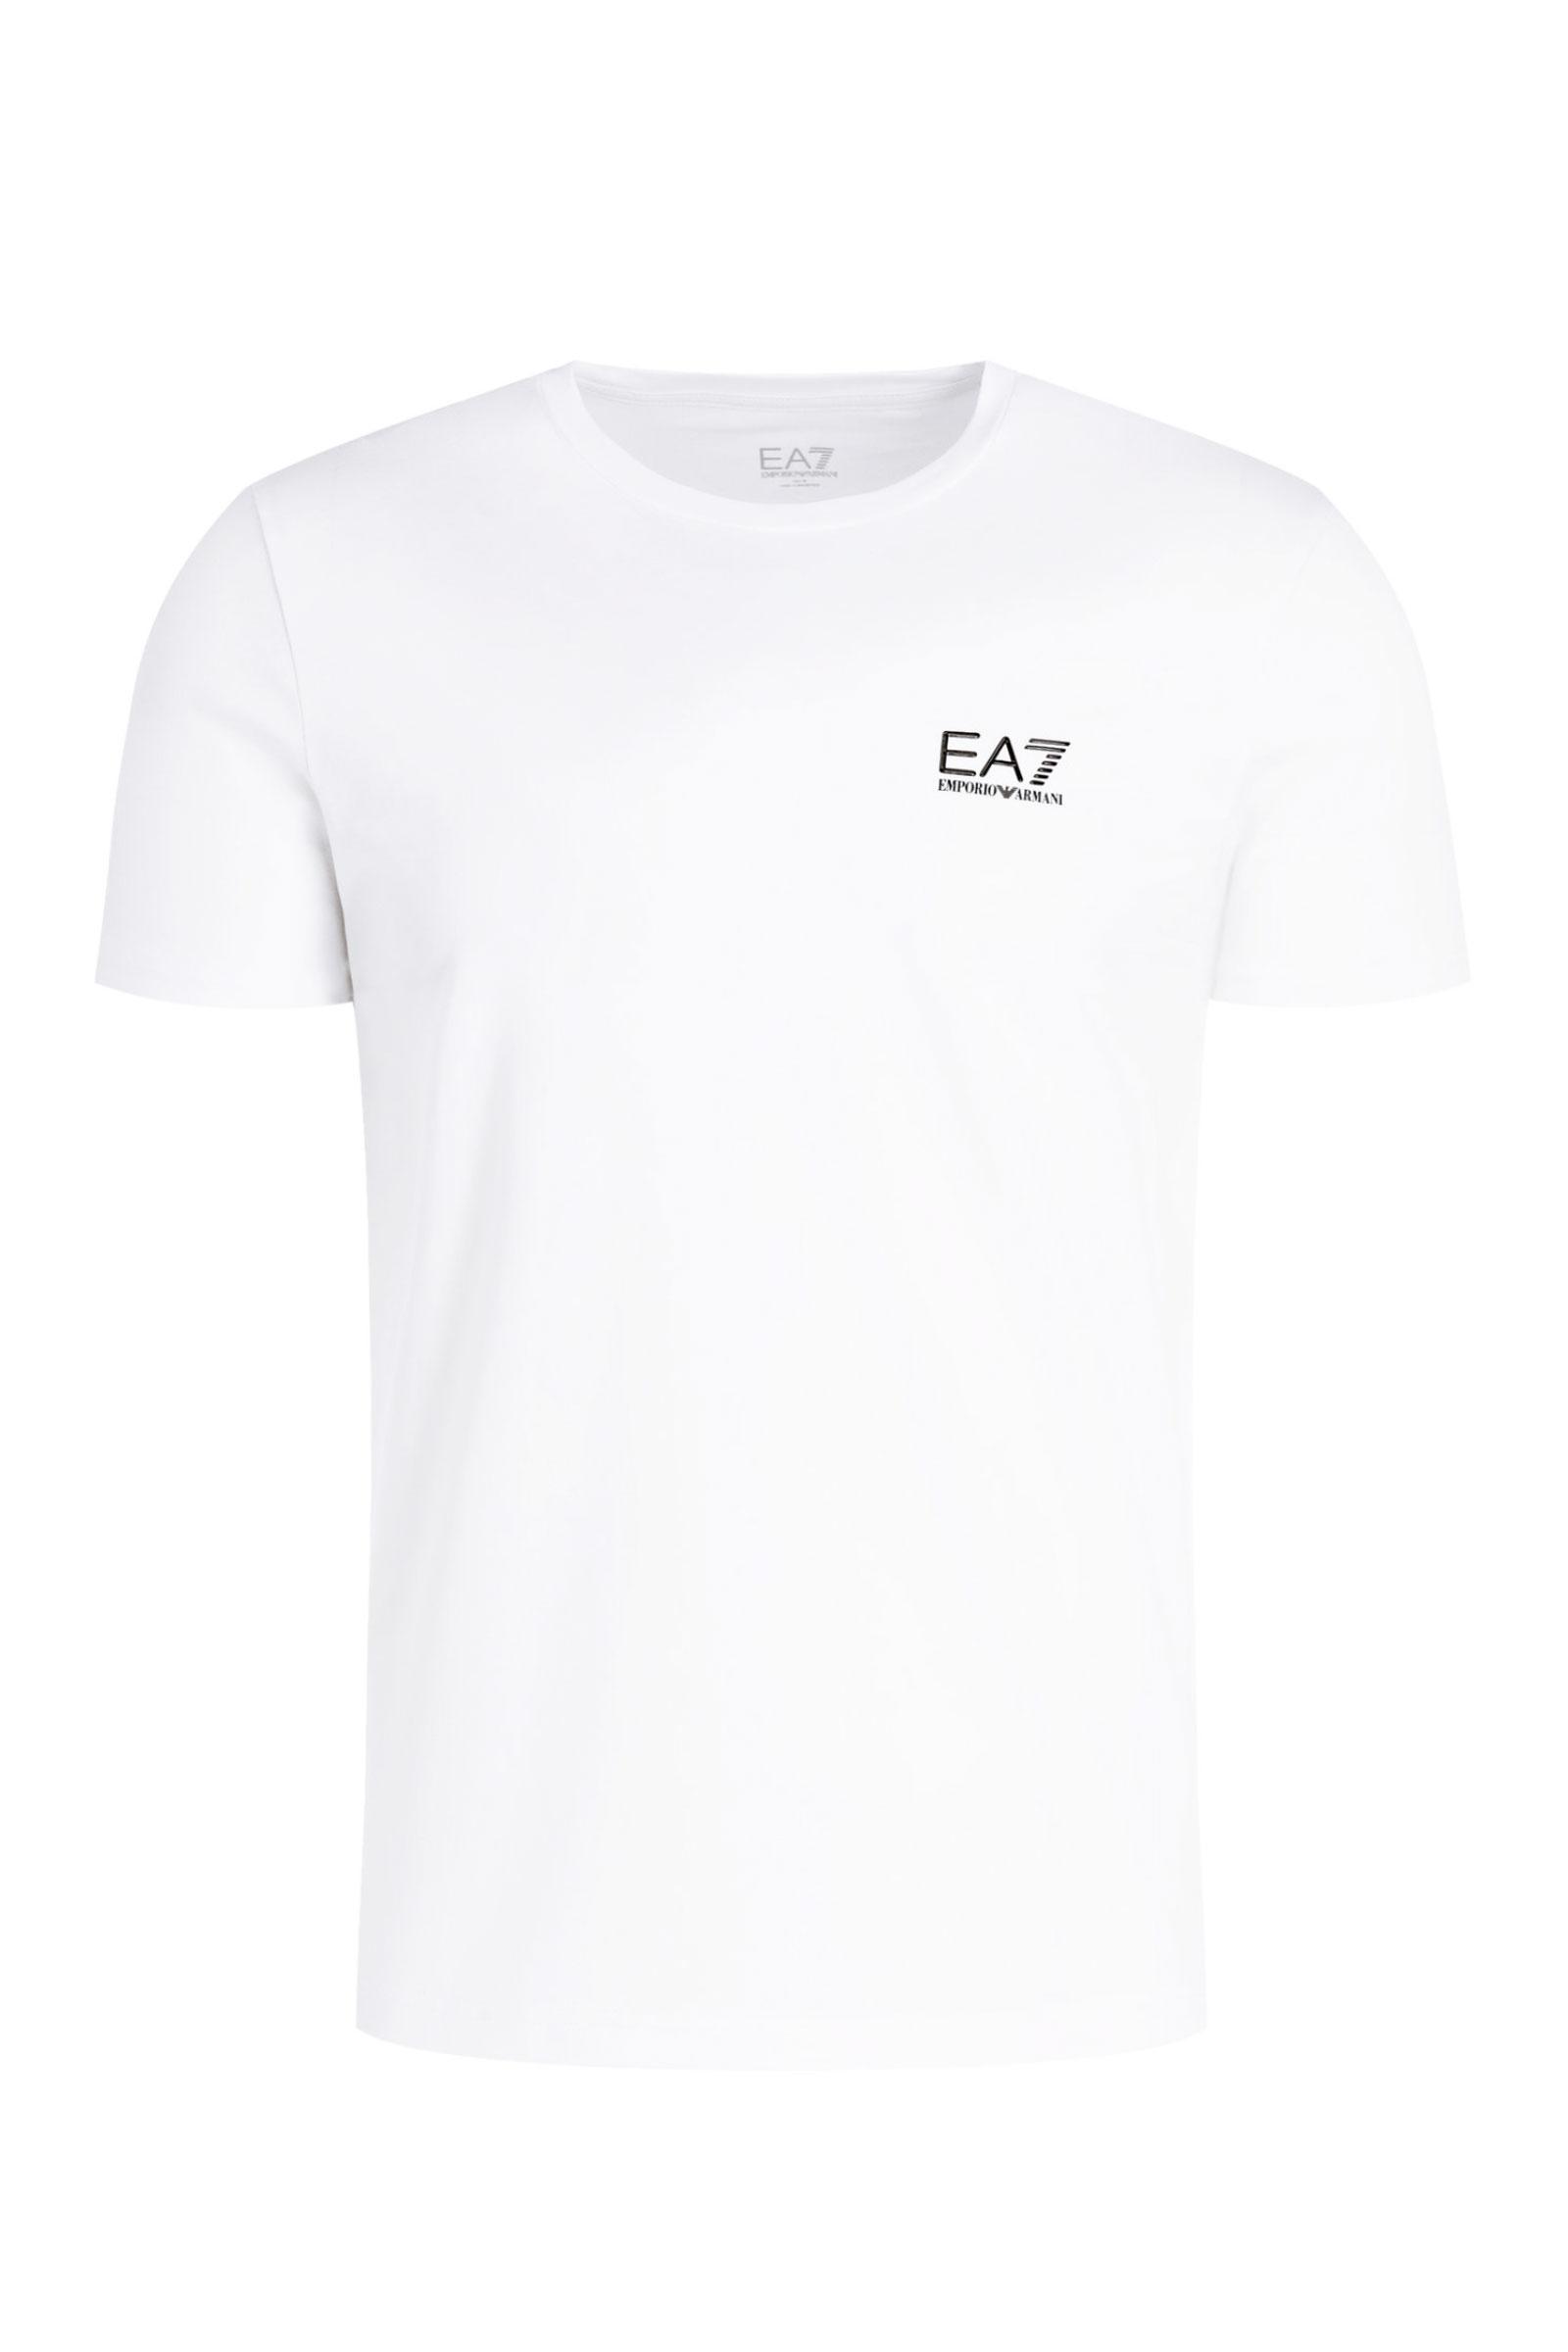 ARMANI EA7 Men's T-Shirt ARMANI EA7 | T-Shirt | 8NPT52 PJM5Z1100